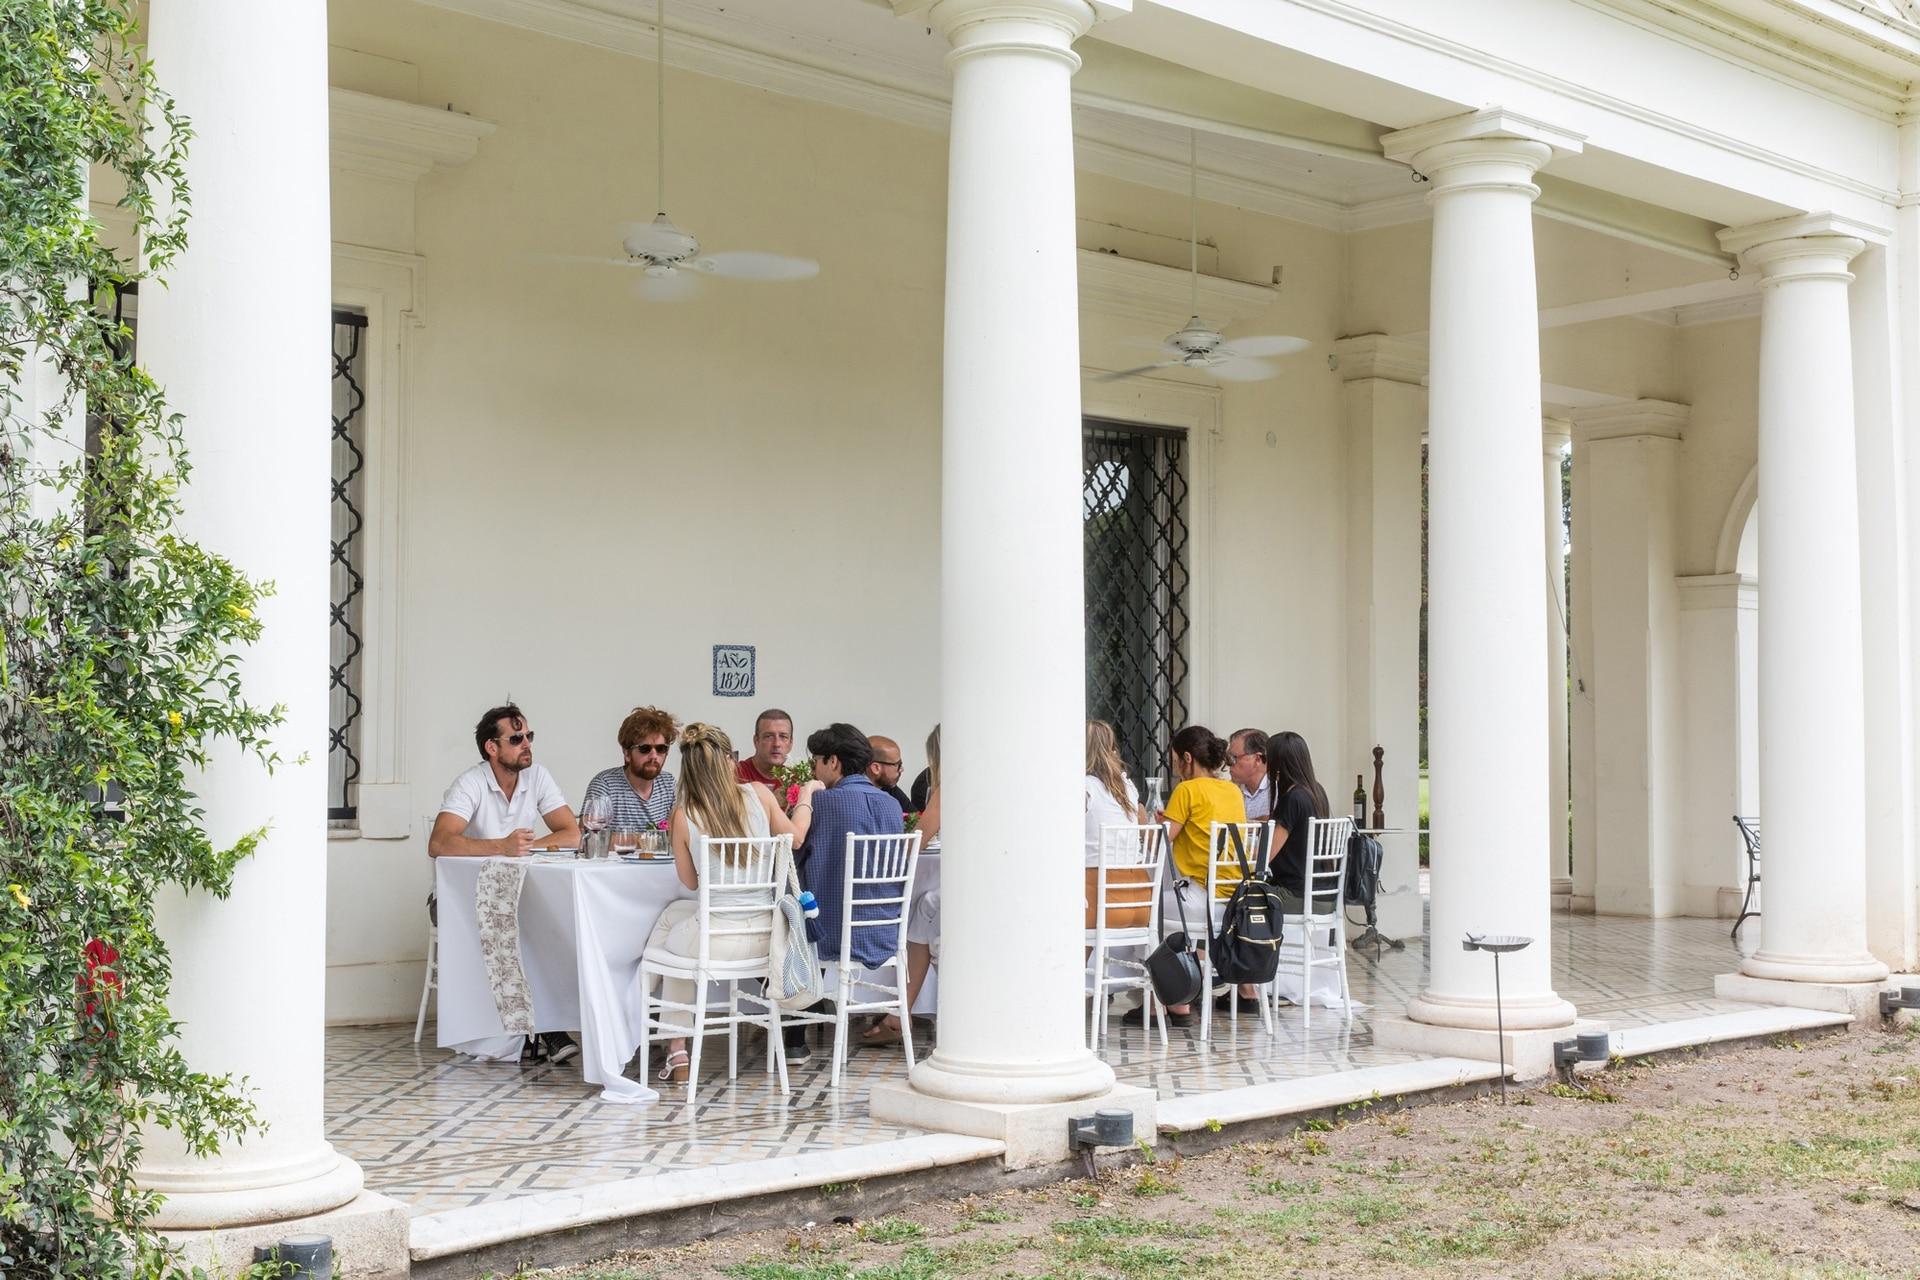 Restaurante 1830, de estancia La Paz, Córdoba.